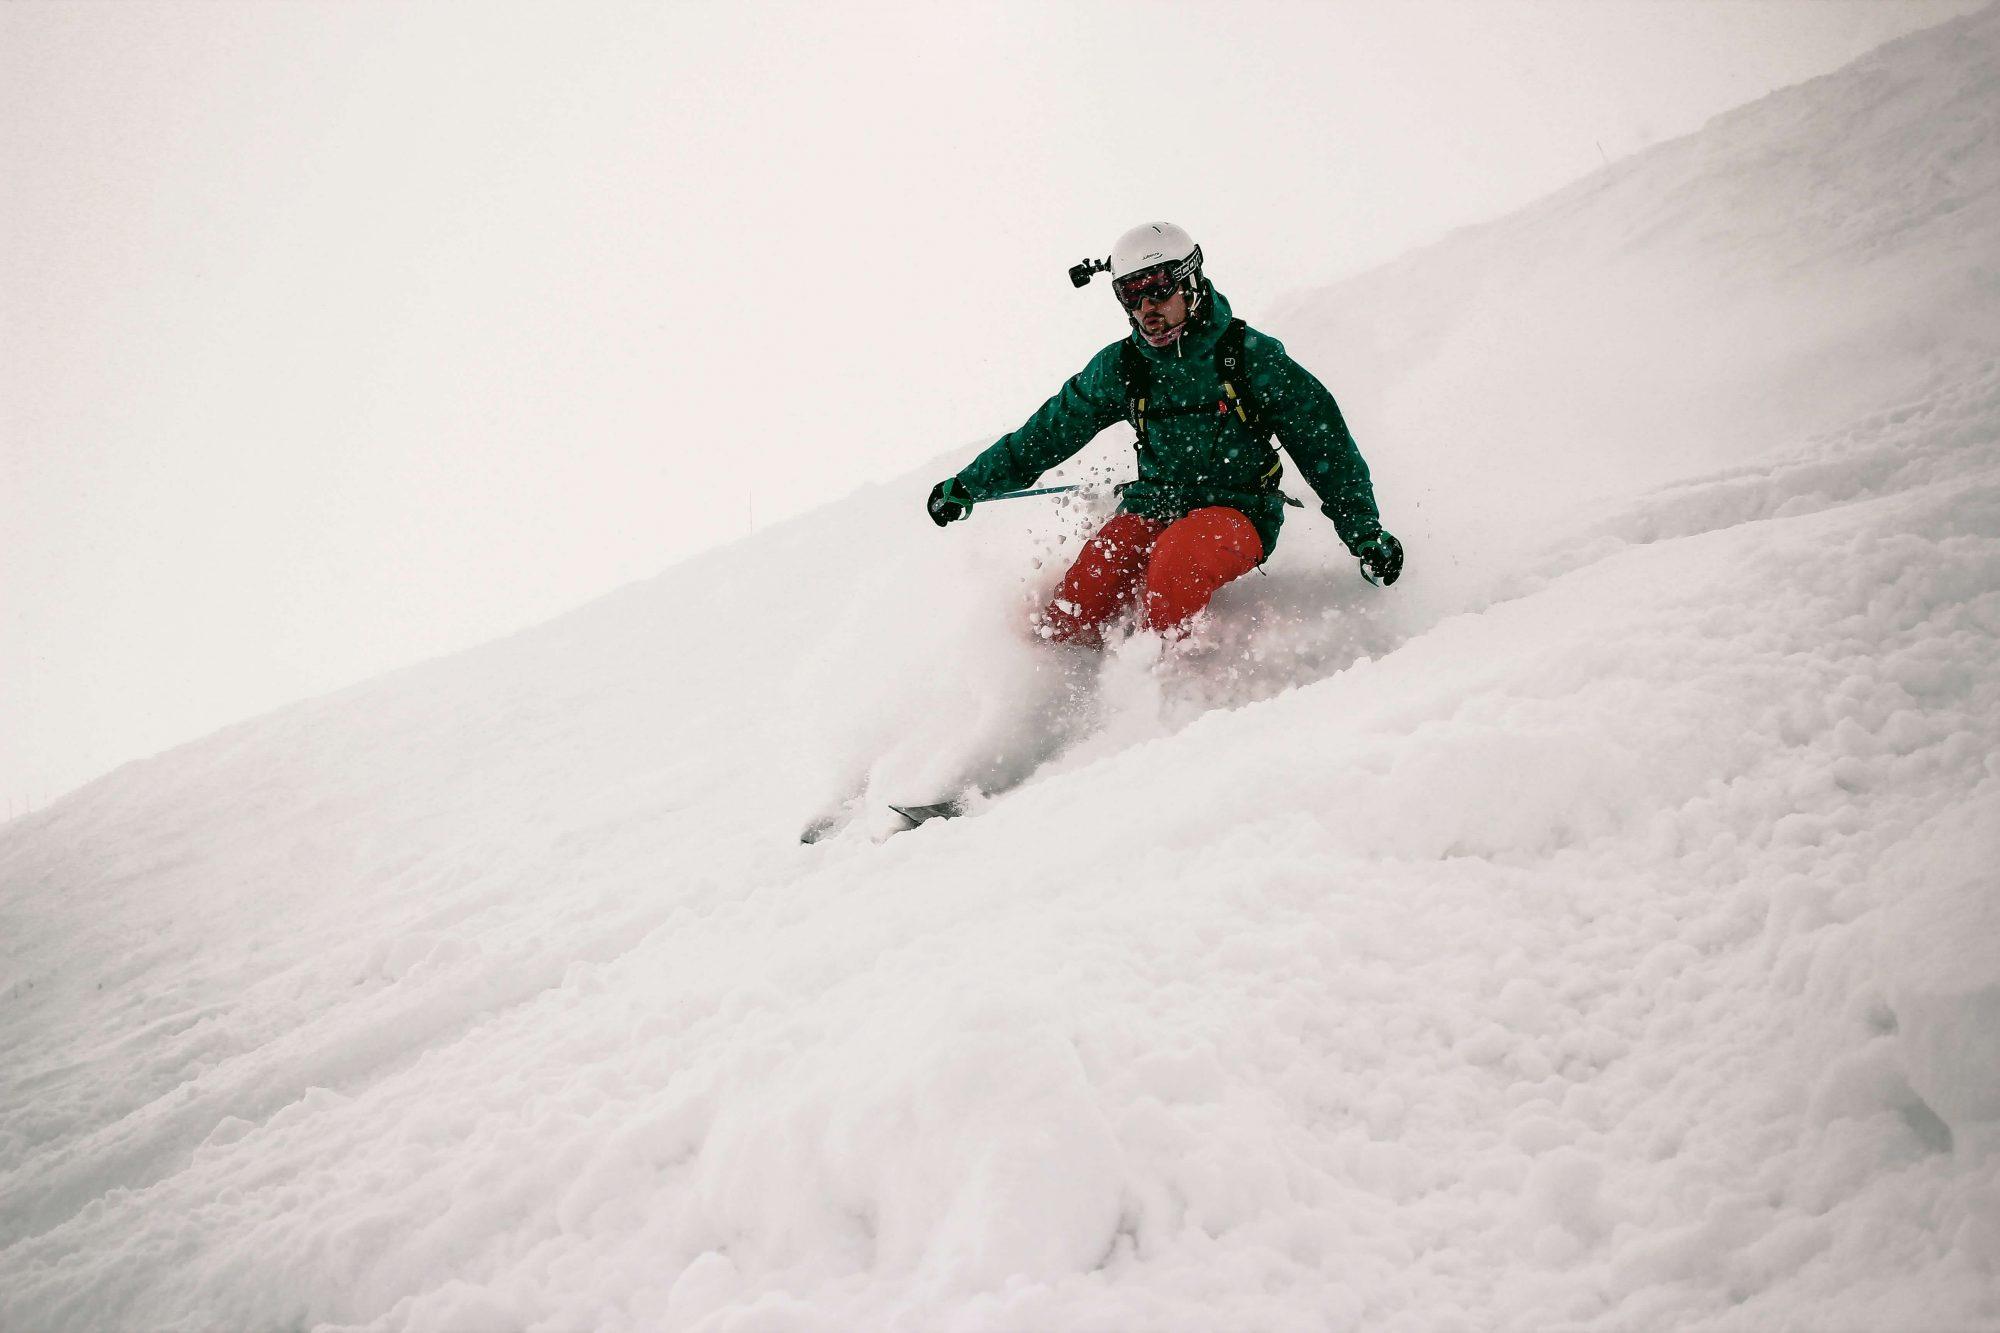 Vai esquiar pela primeira vez? Então confira 4 dicas essenciais!